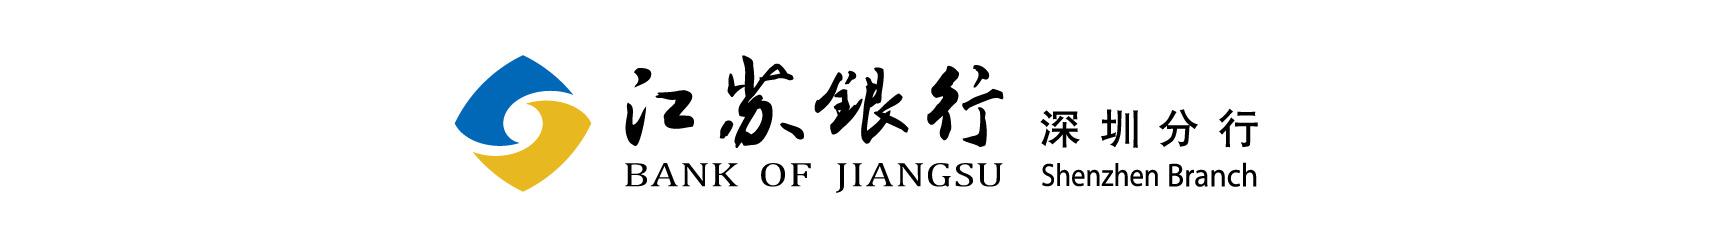 江苏银行股份有限公司深圳分行